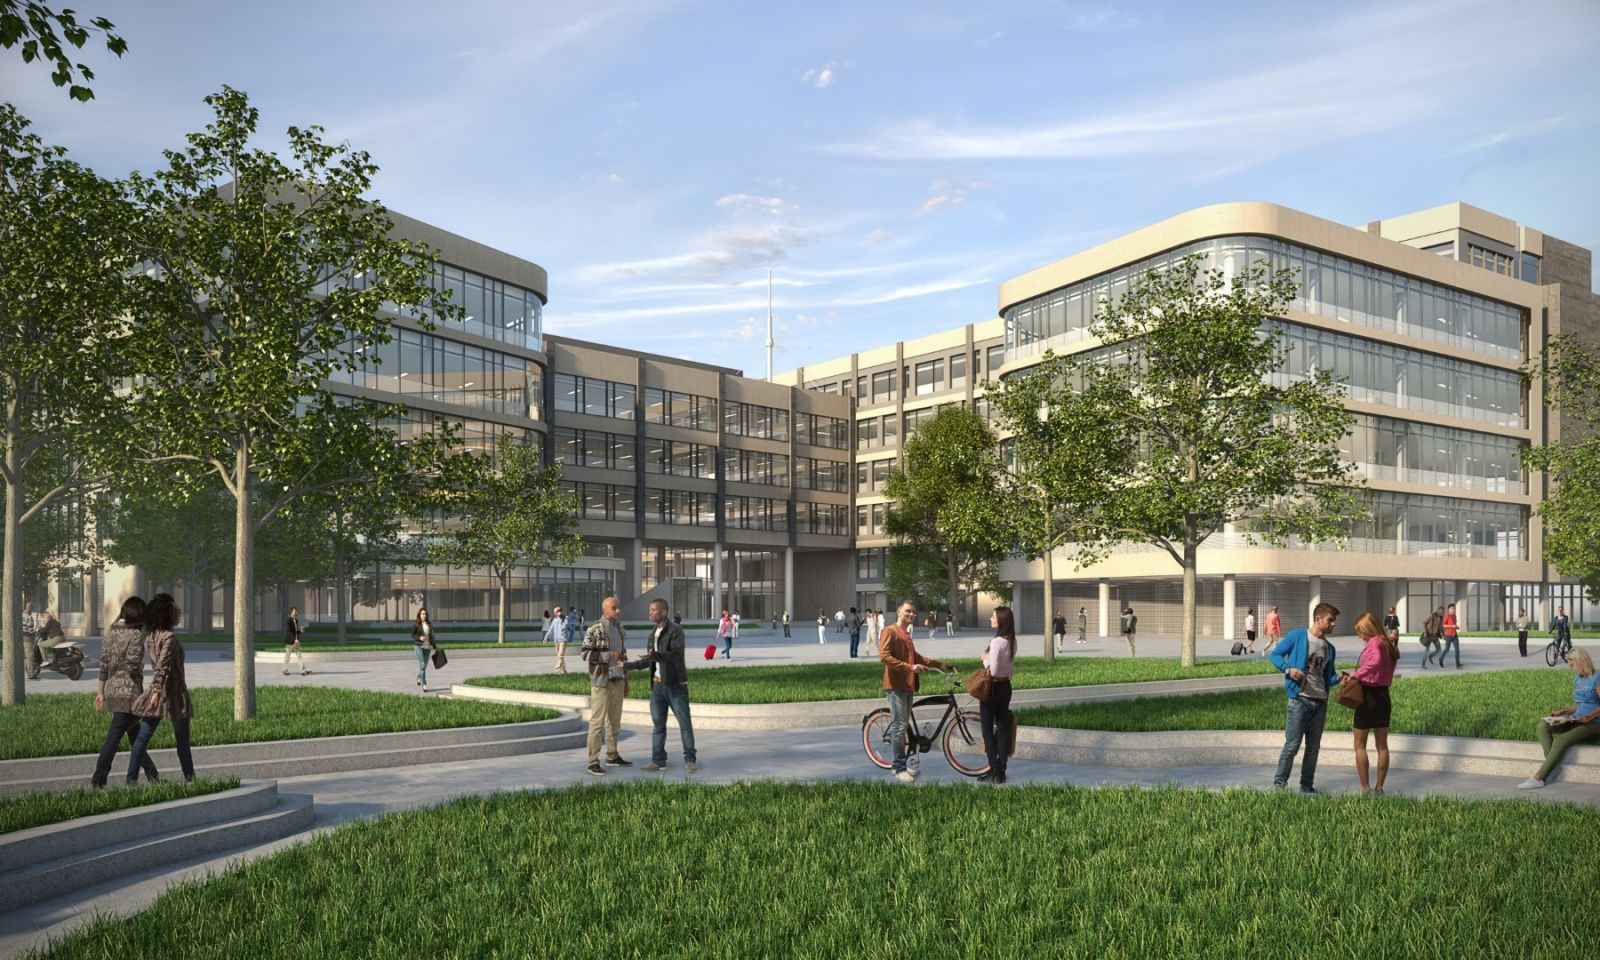 Học viện công nghệ Dublin – trường đại học danh tiếng bậc nhất Ireland